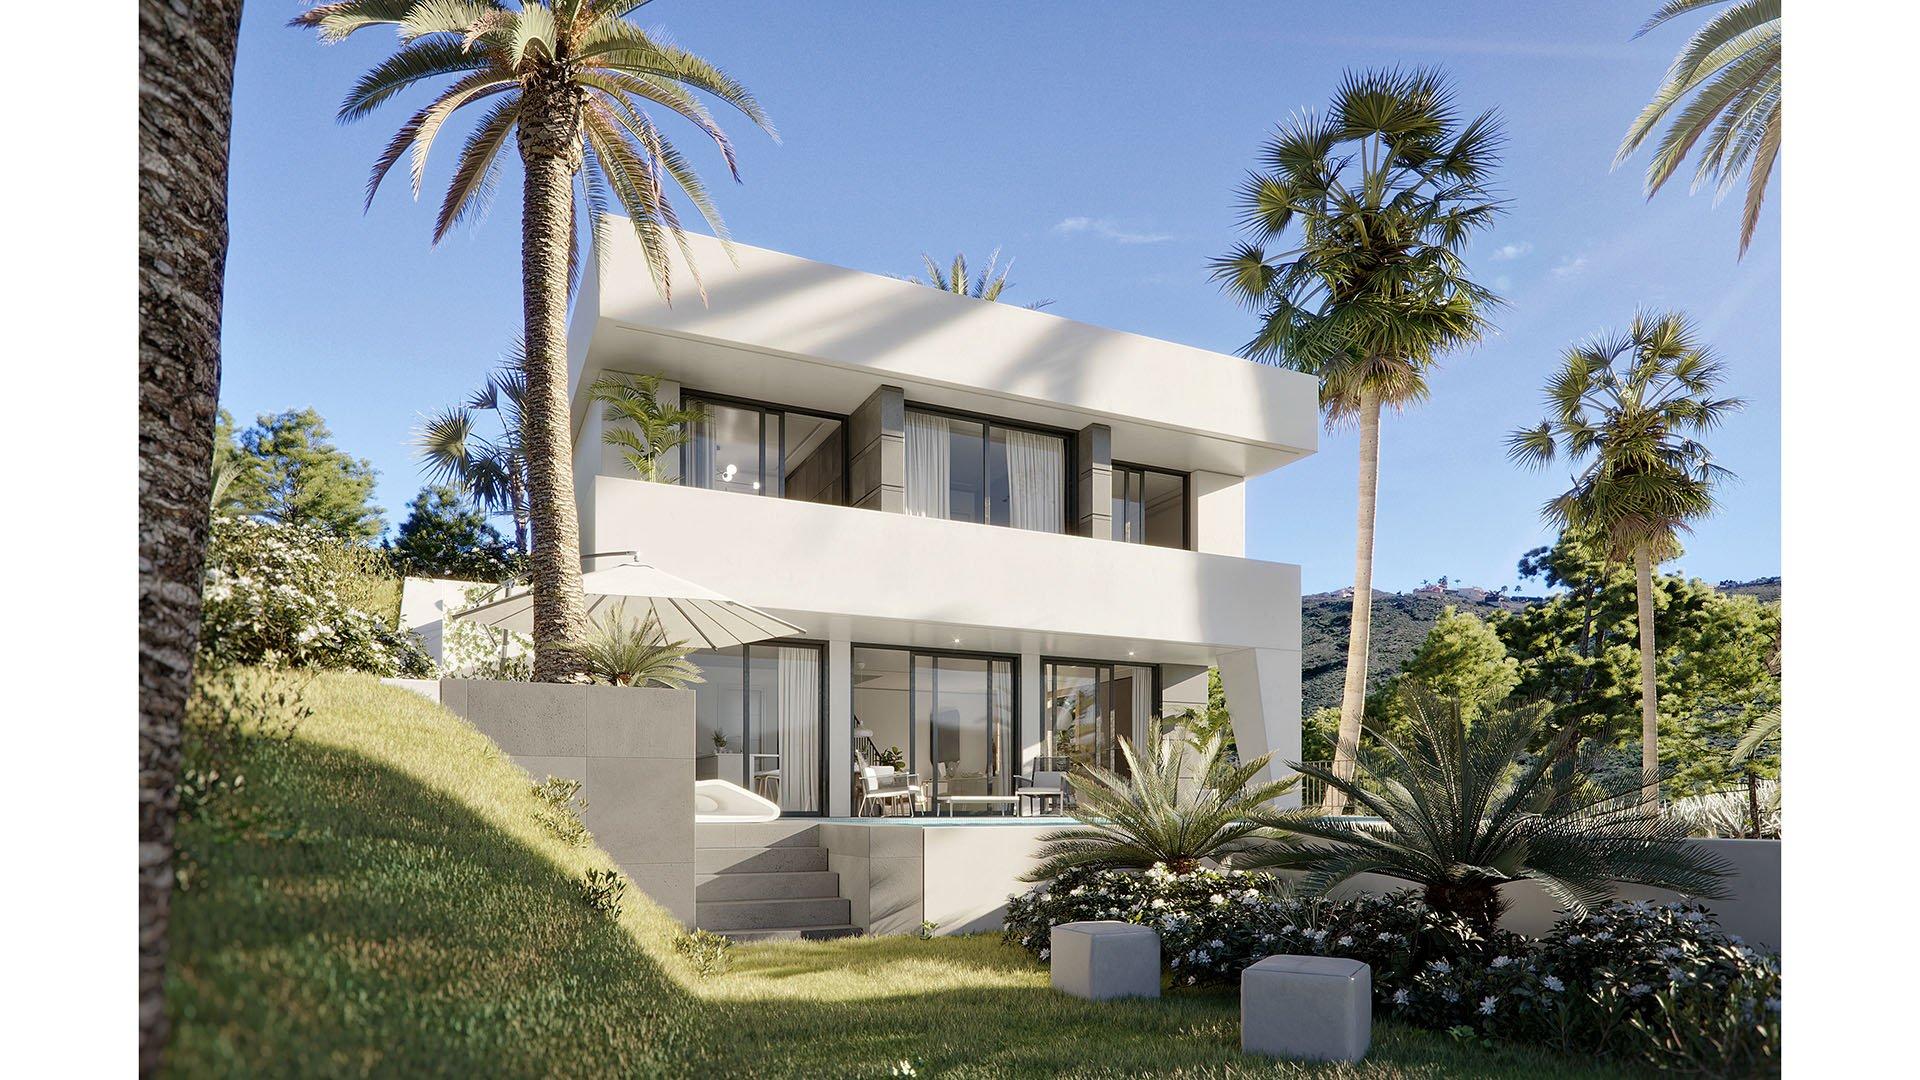 Villa Angelo: Moderne villa in Benalmádena